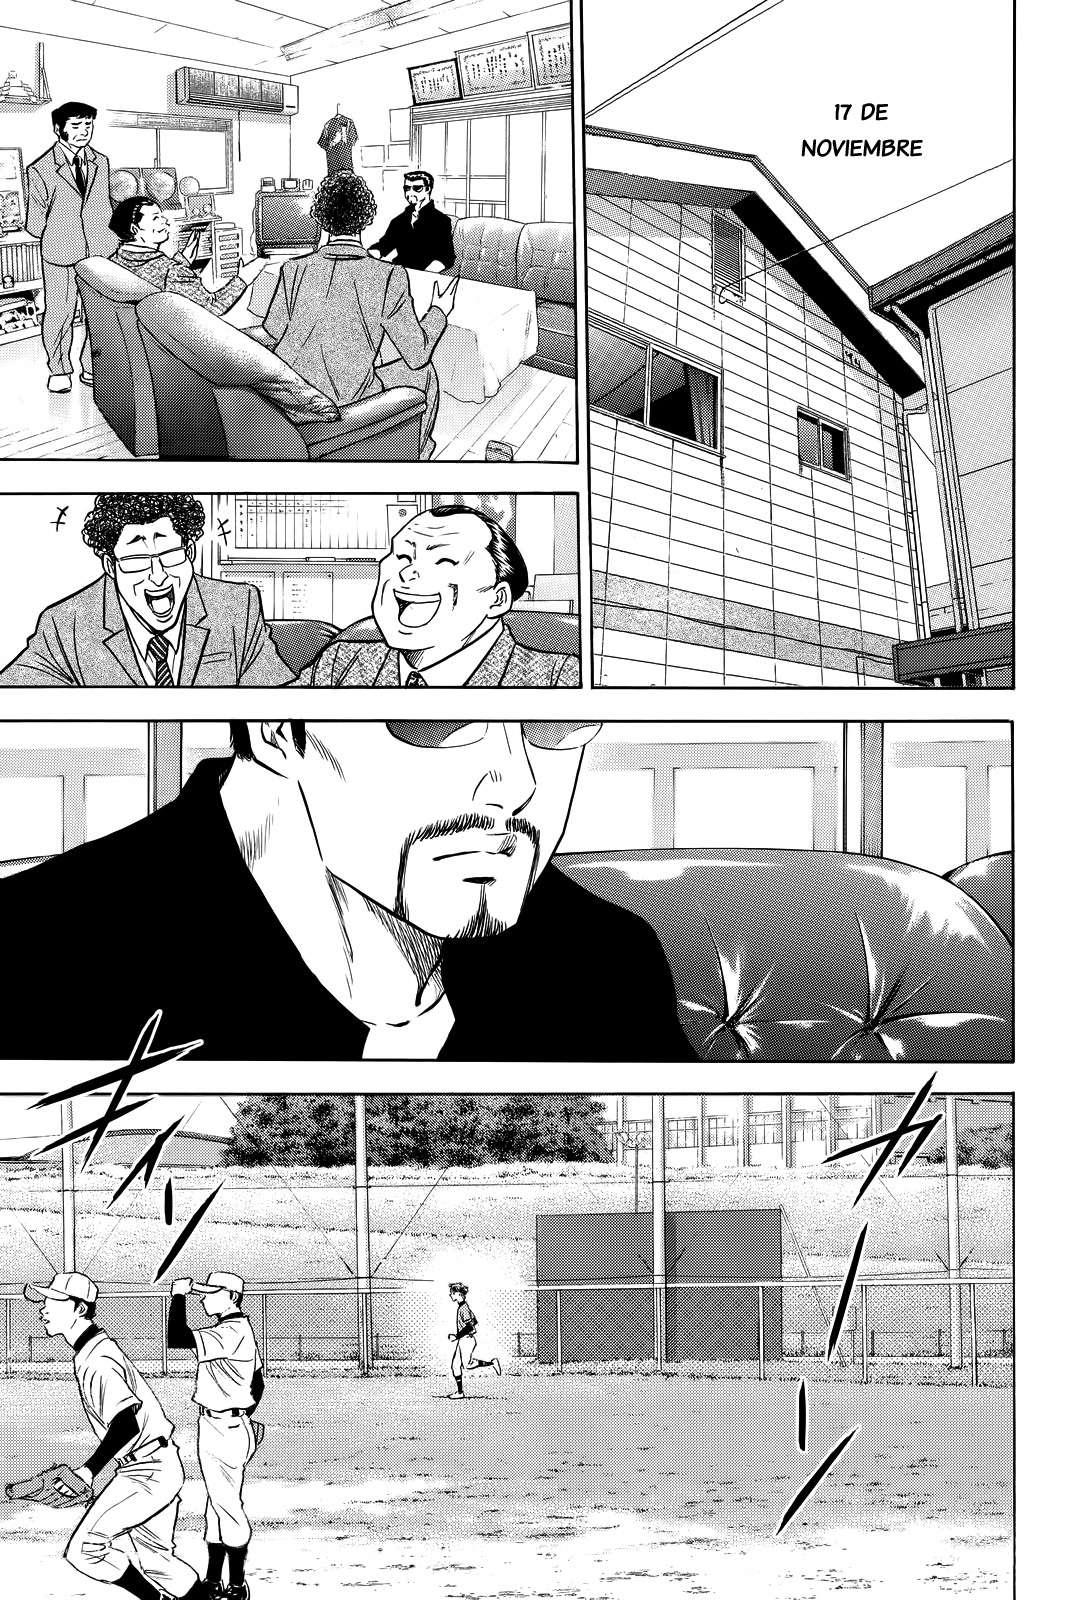 http://c5.ninemanga.com/es_manga/24/1752/430810/74fe3b72948e51b394795677eb10d419.jpg Page 11